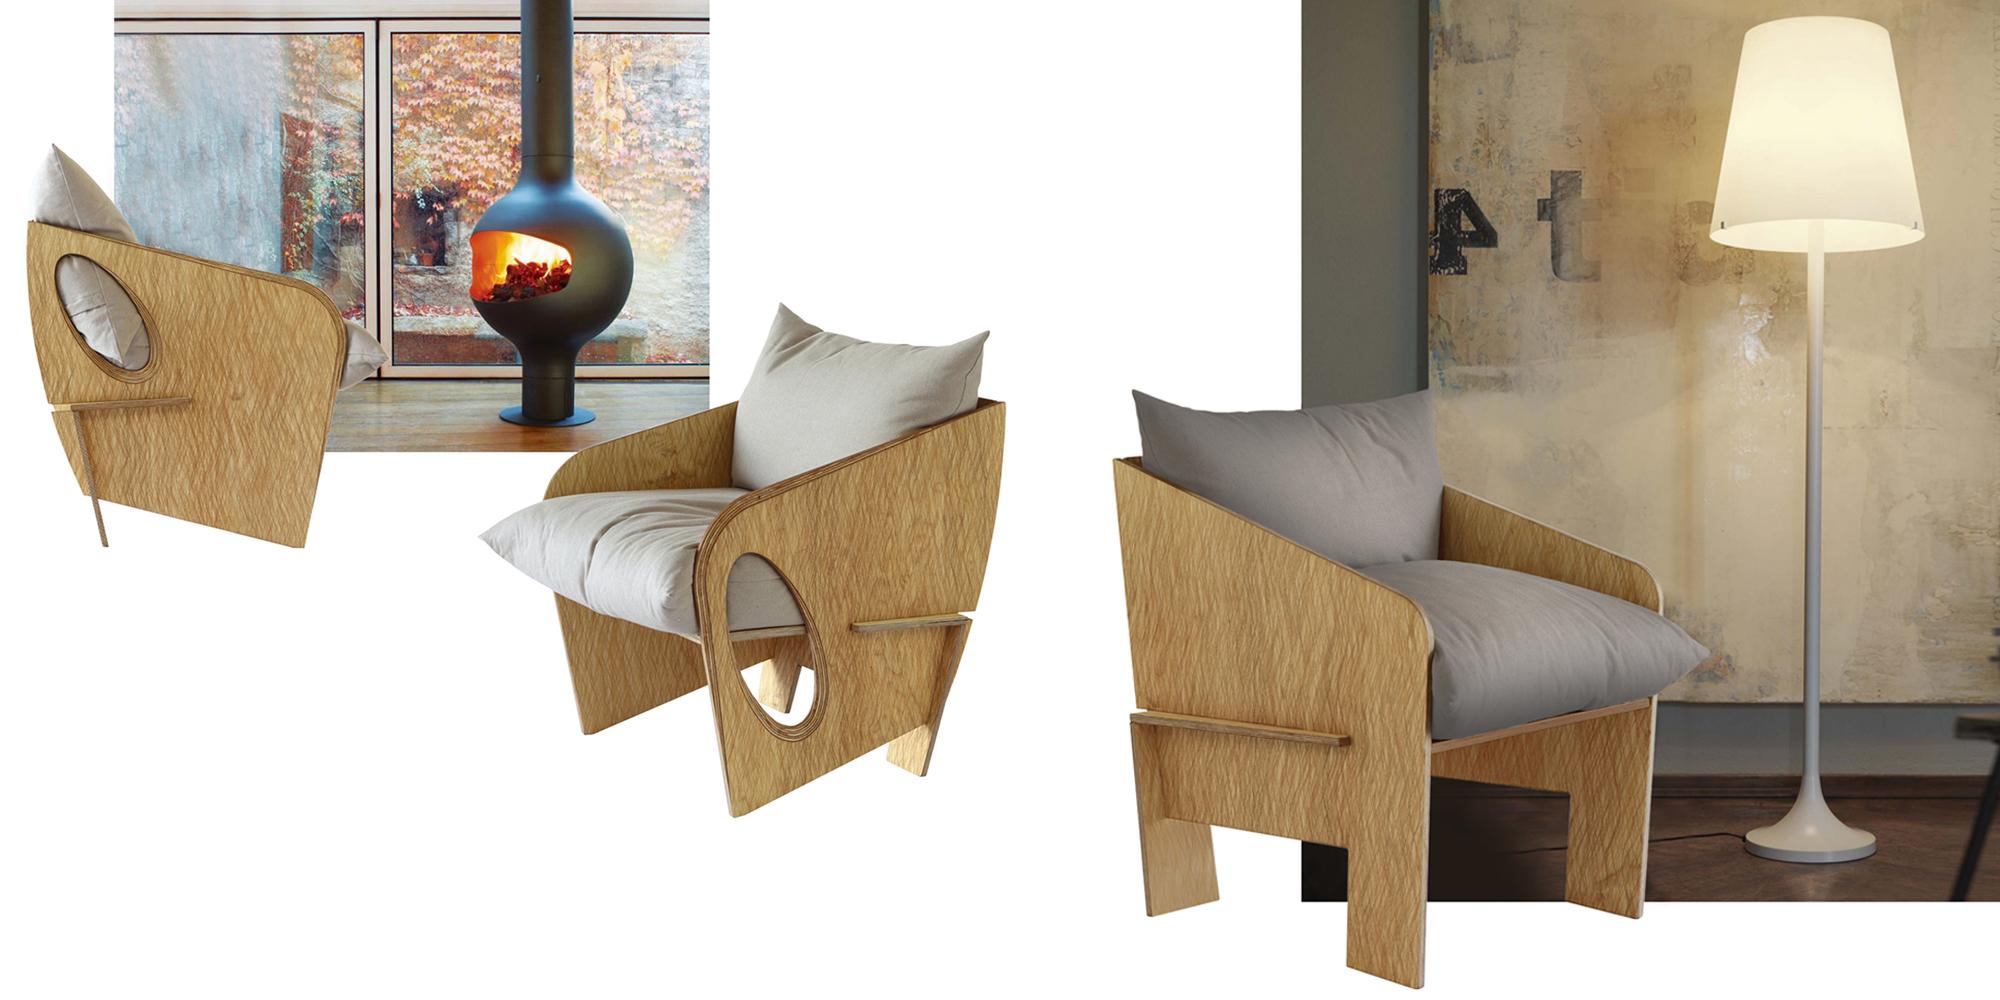 Poltrone e divani in legno | Radiko